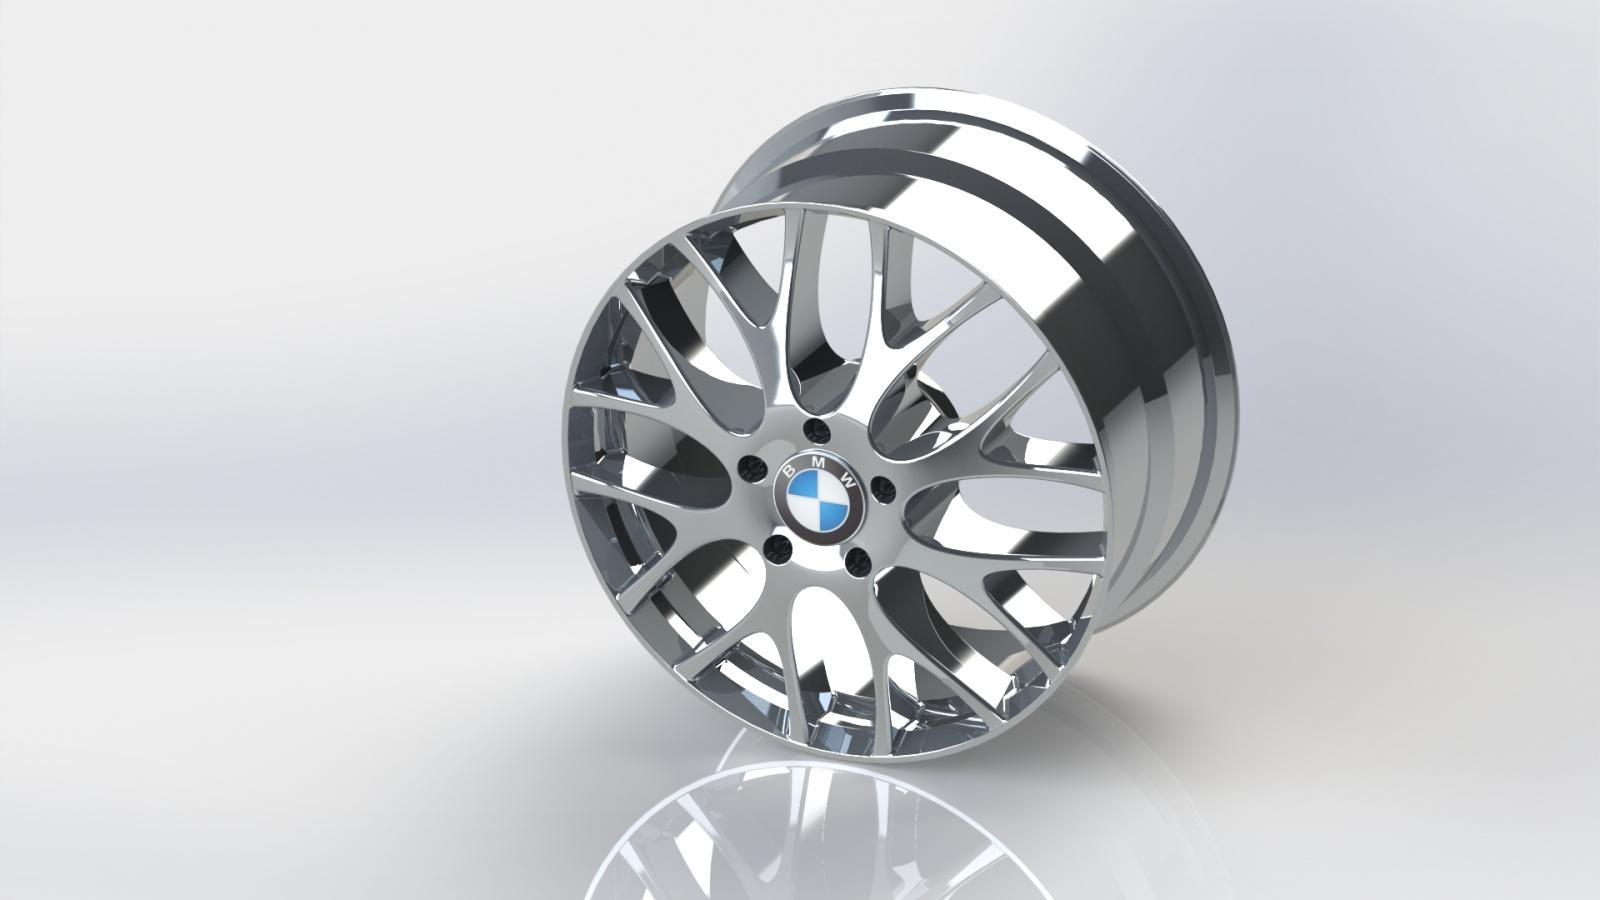 Borchia-3d-BMW - Modellazione 3d e Rendering di una borchia BMW, disegnata con SolidWorks